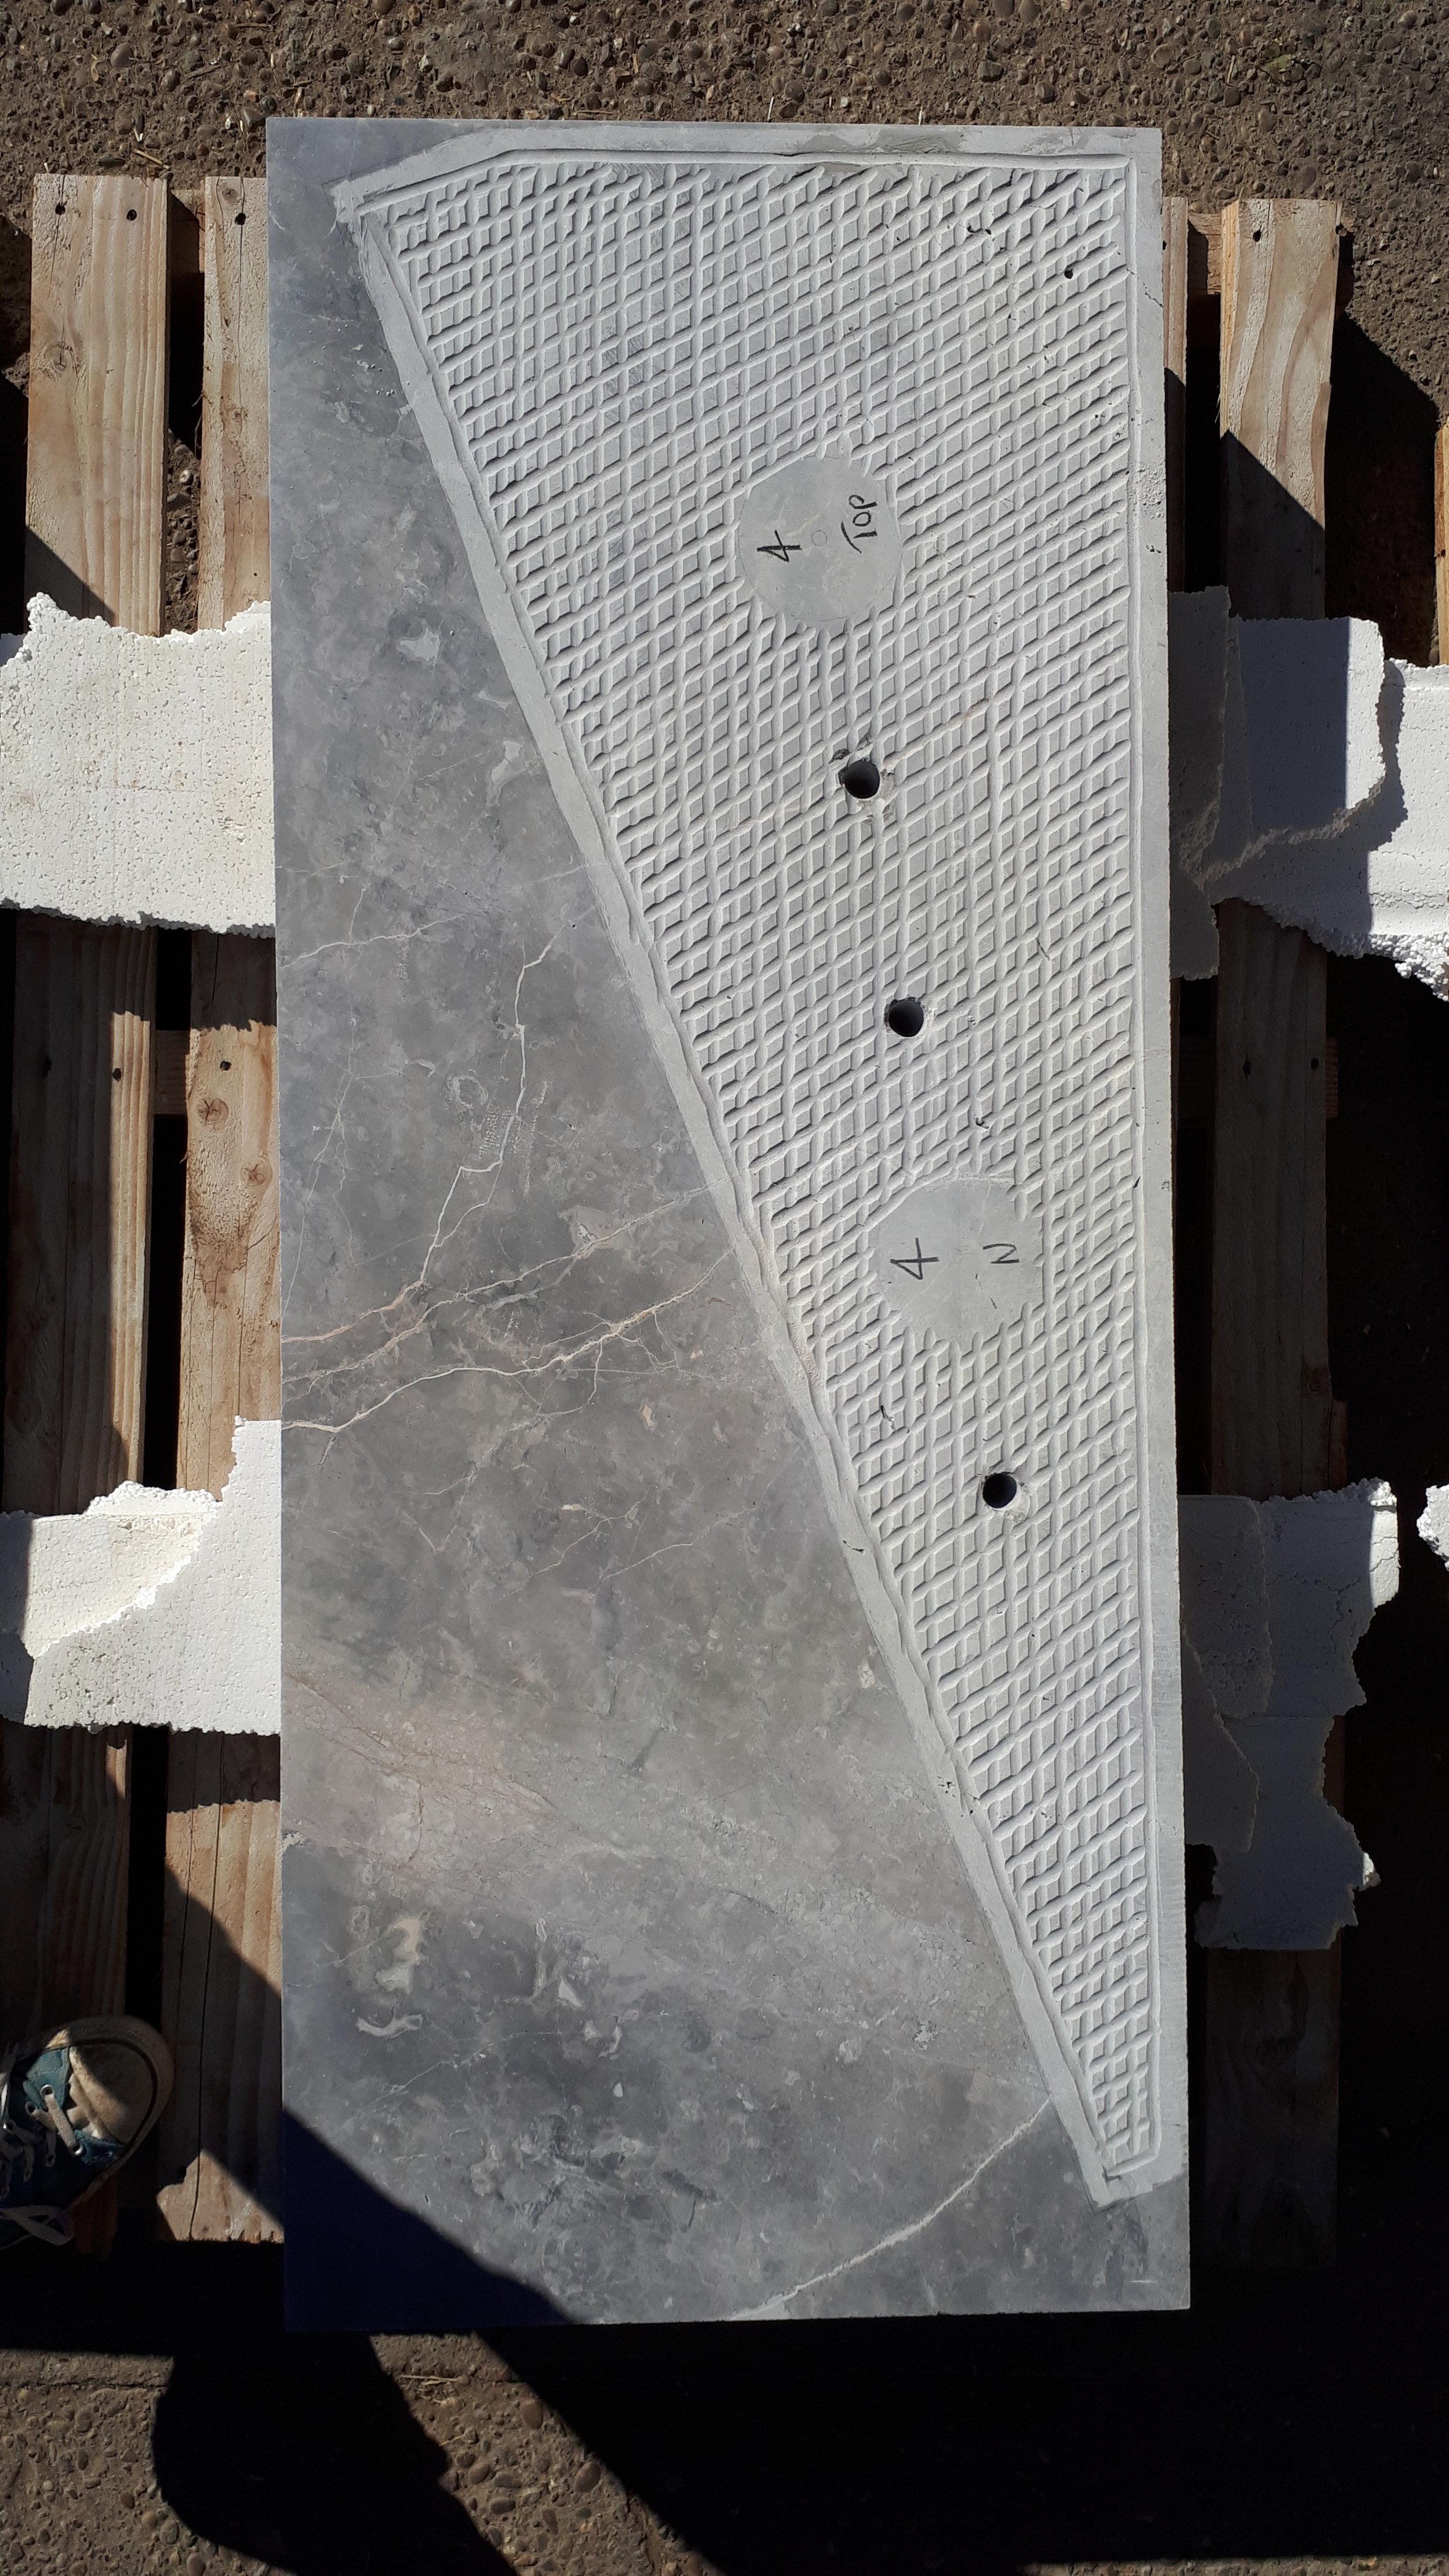 Image of shaping in progress using Bosco Di Fiore stone.